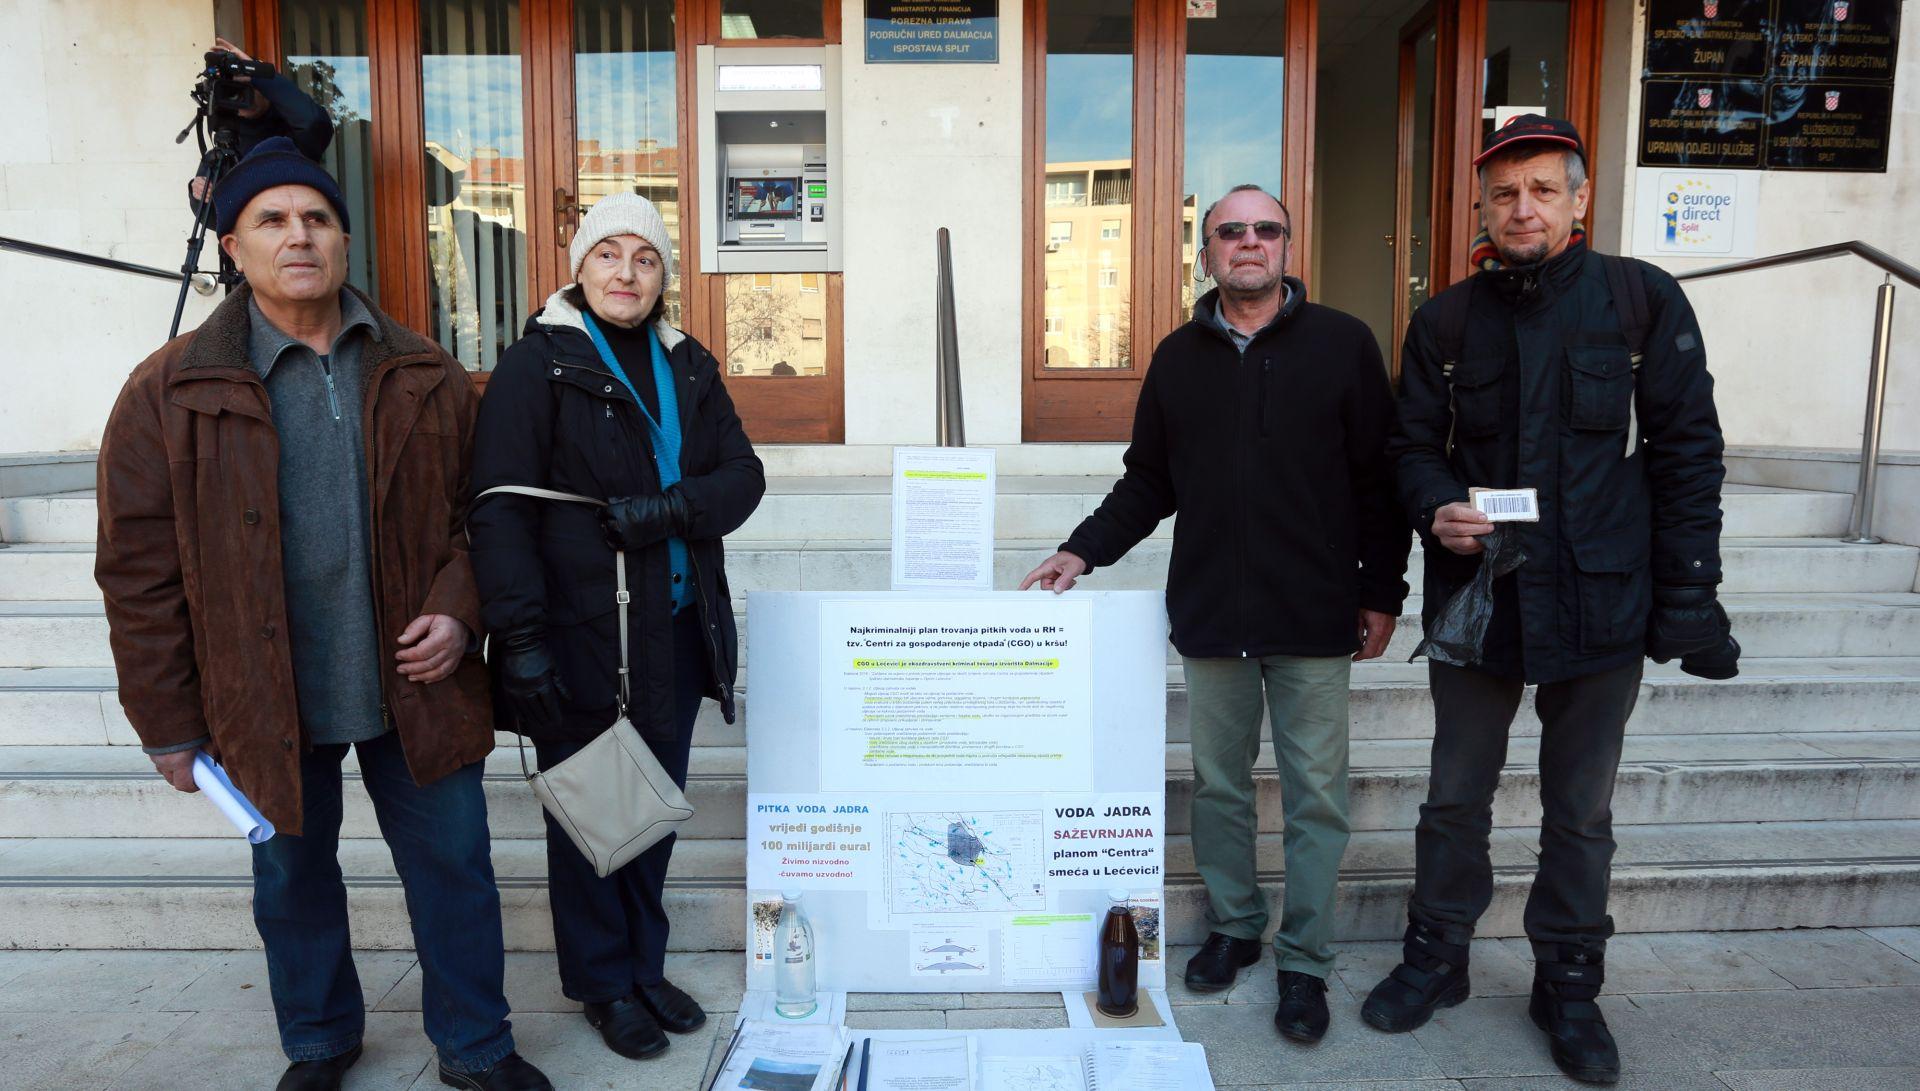 Ekološke udruge zbog Lećevice prijavljuju župana i dožupana za pranje novca